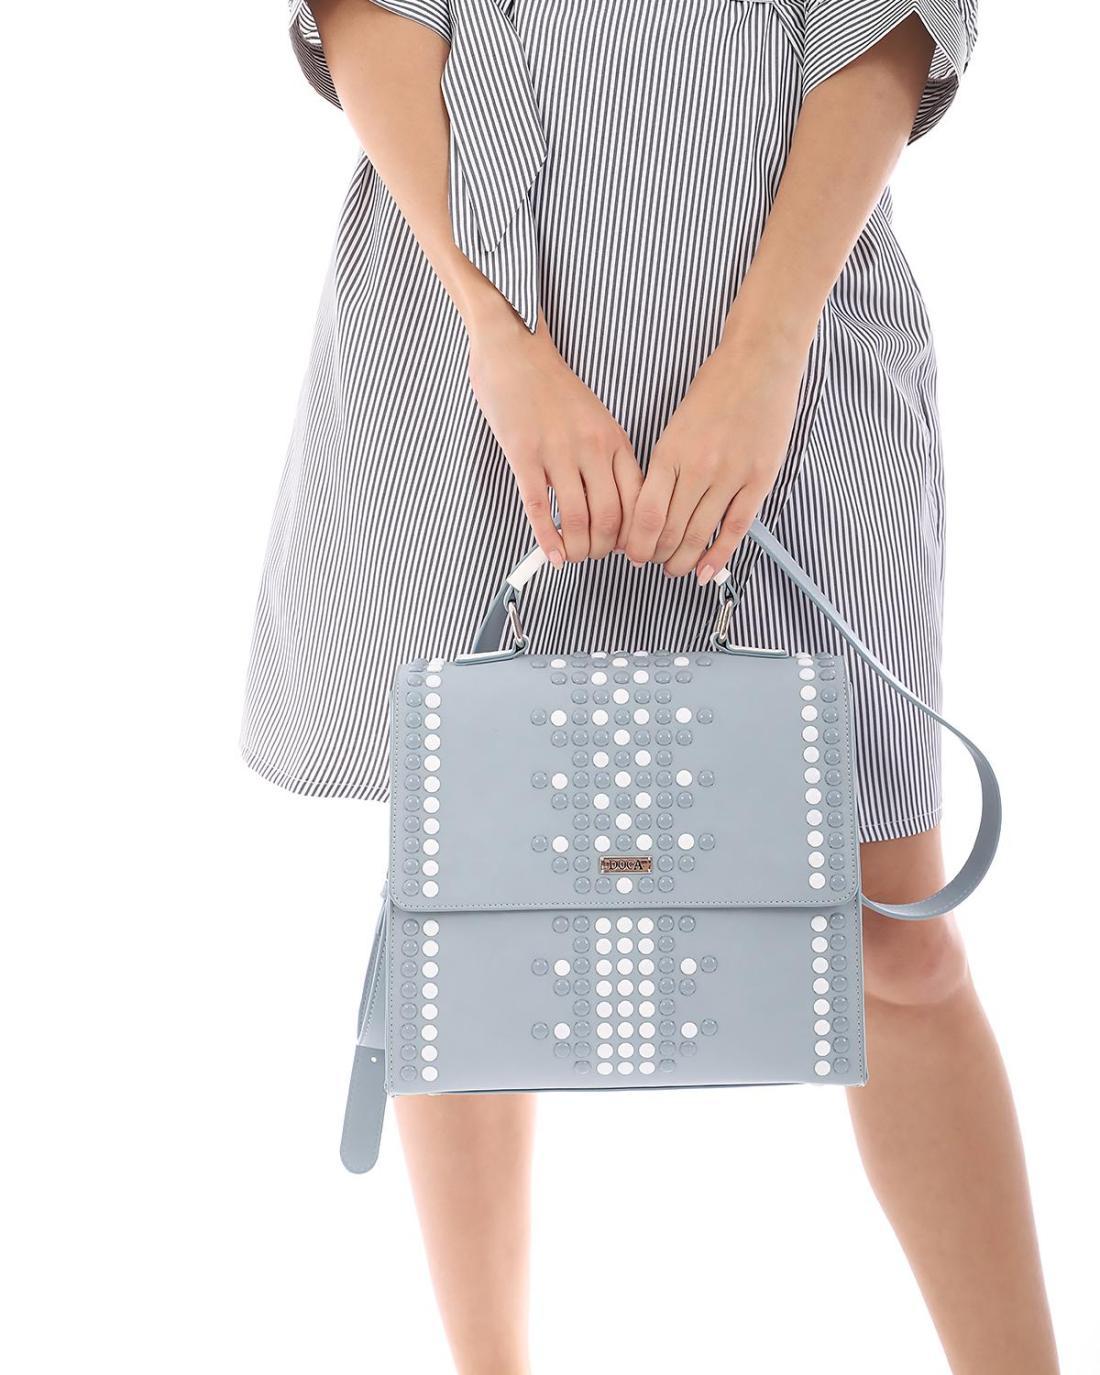 Καθημερινή τσάντα χειρός/ώμου γαλάζια